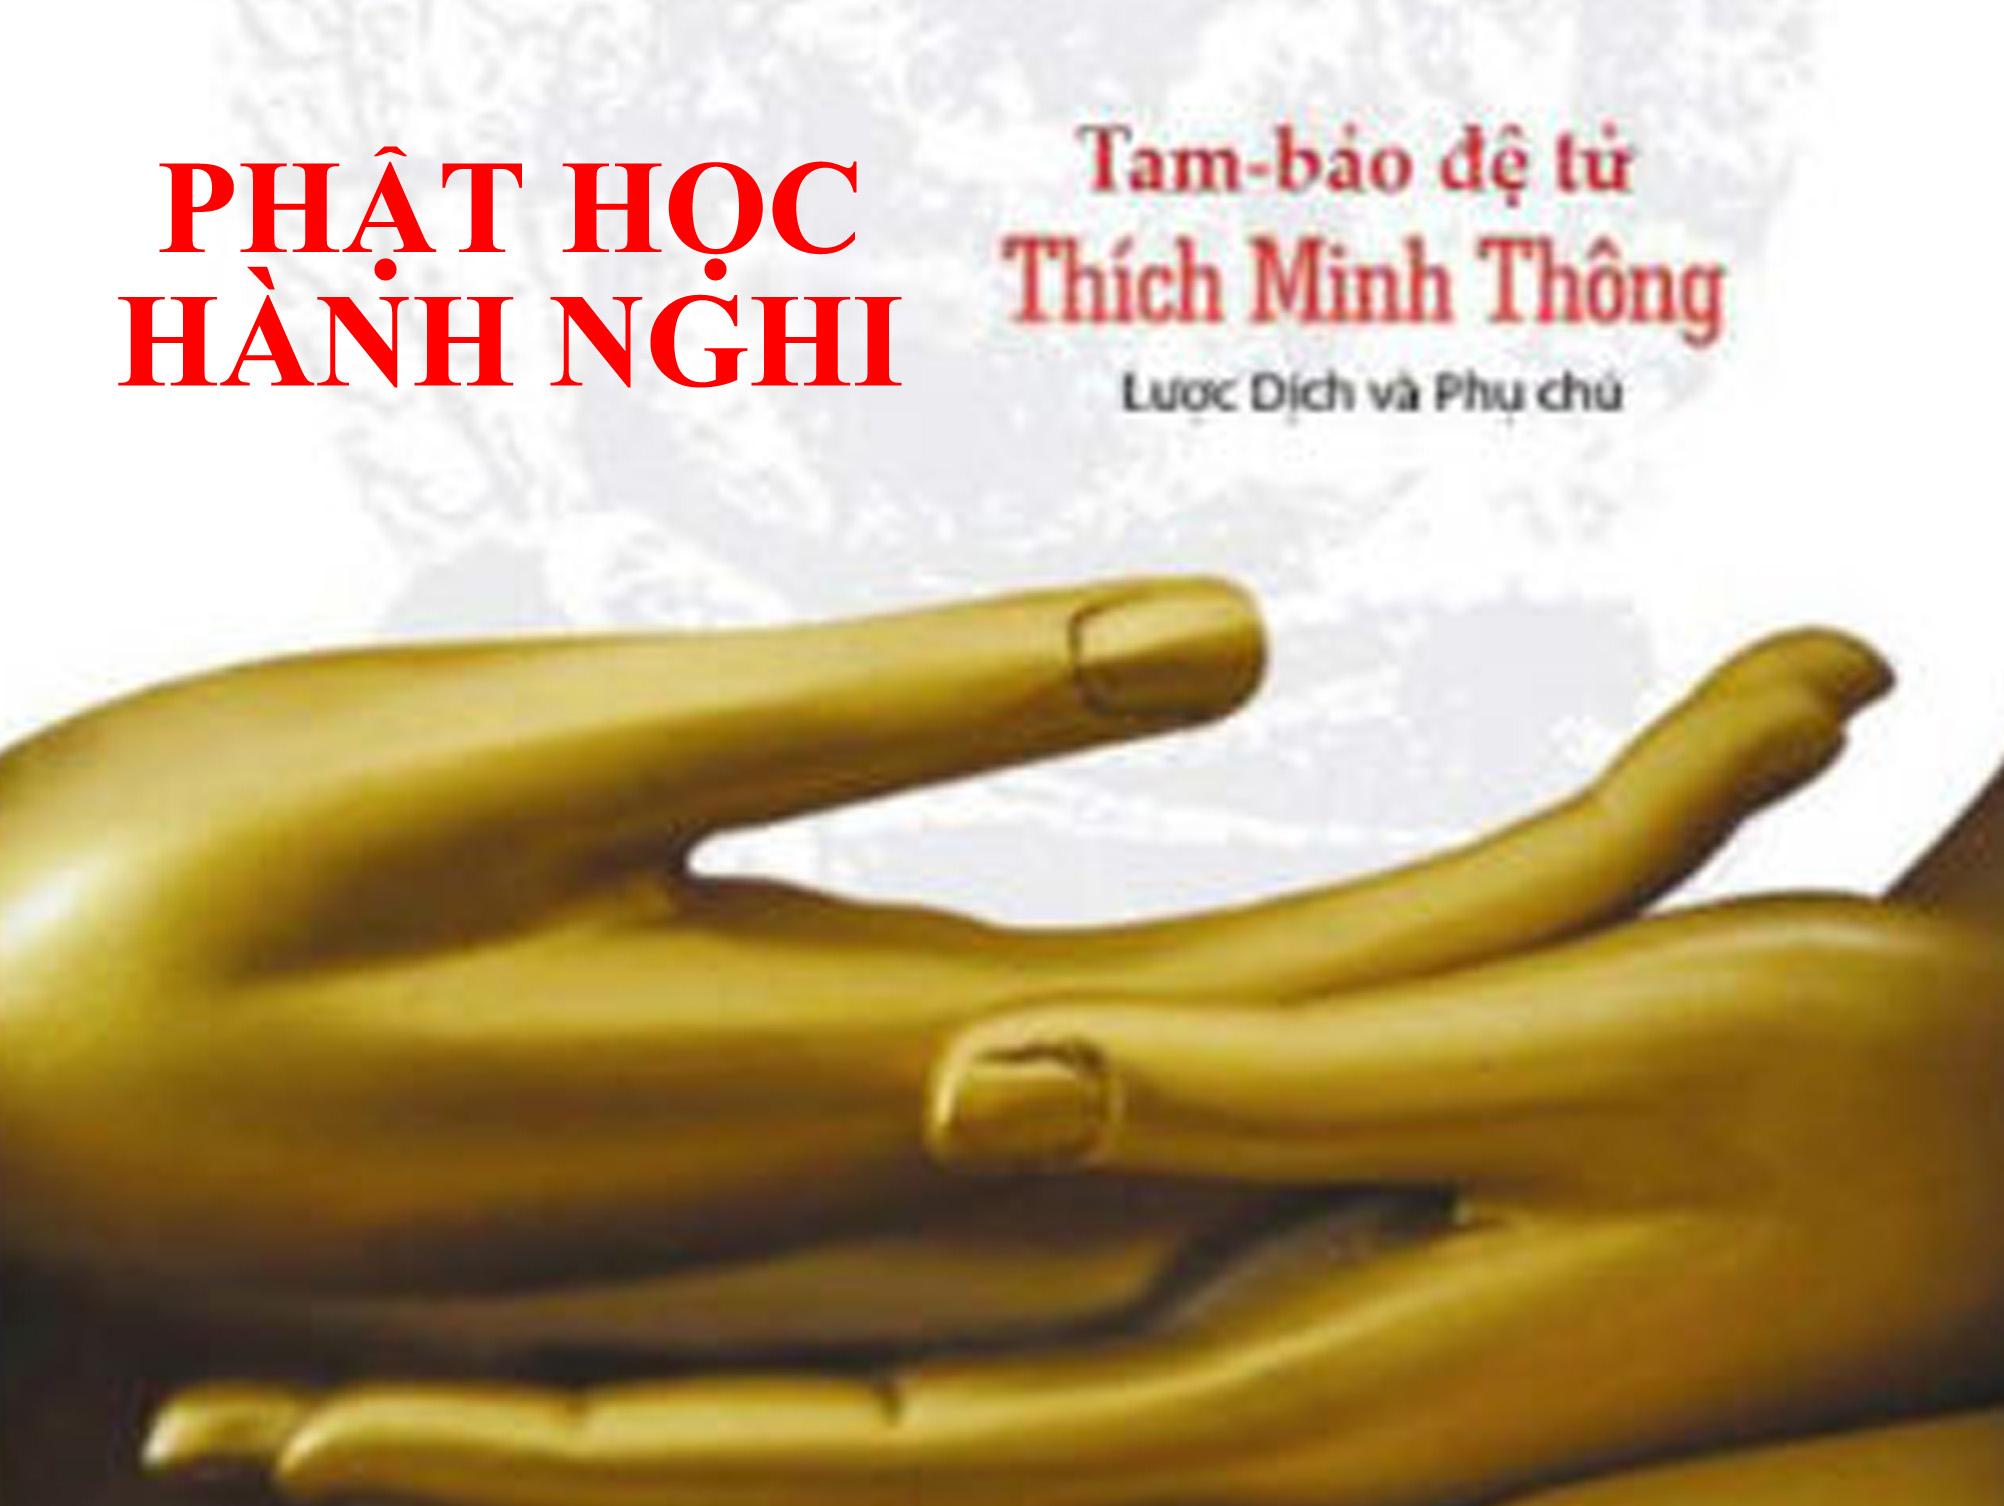 PHẬT HỌC HÀNH NGHI – THÍCH MINH THÔNG